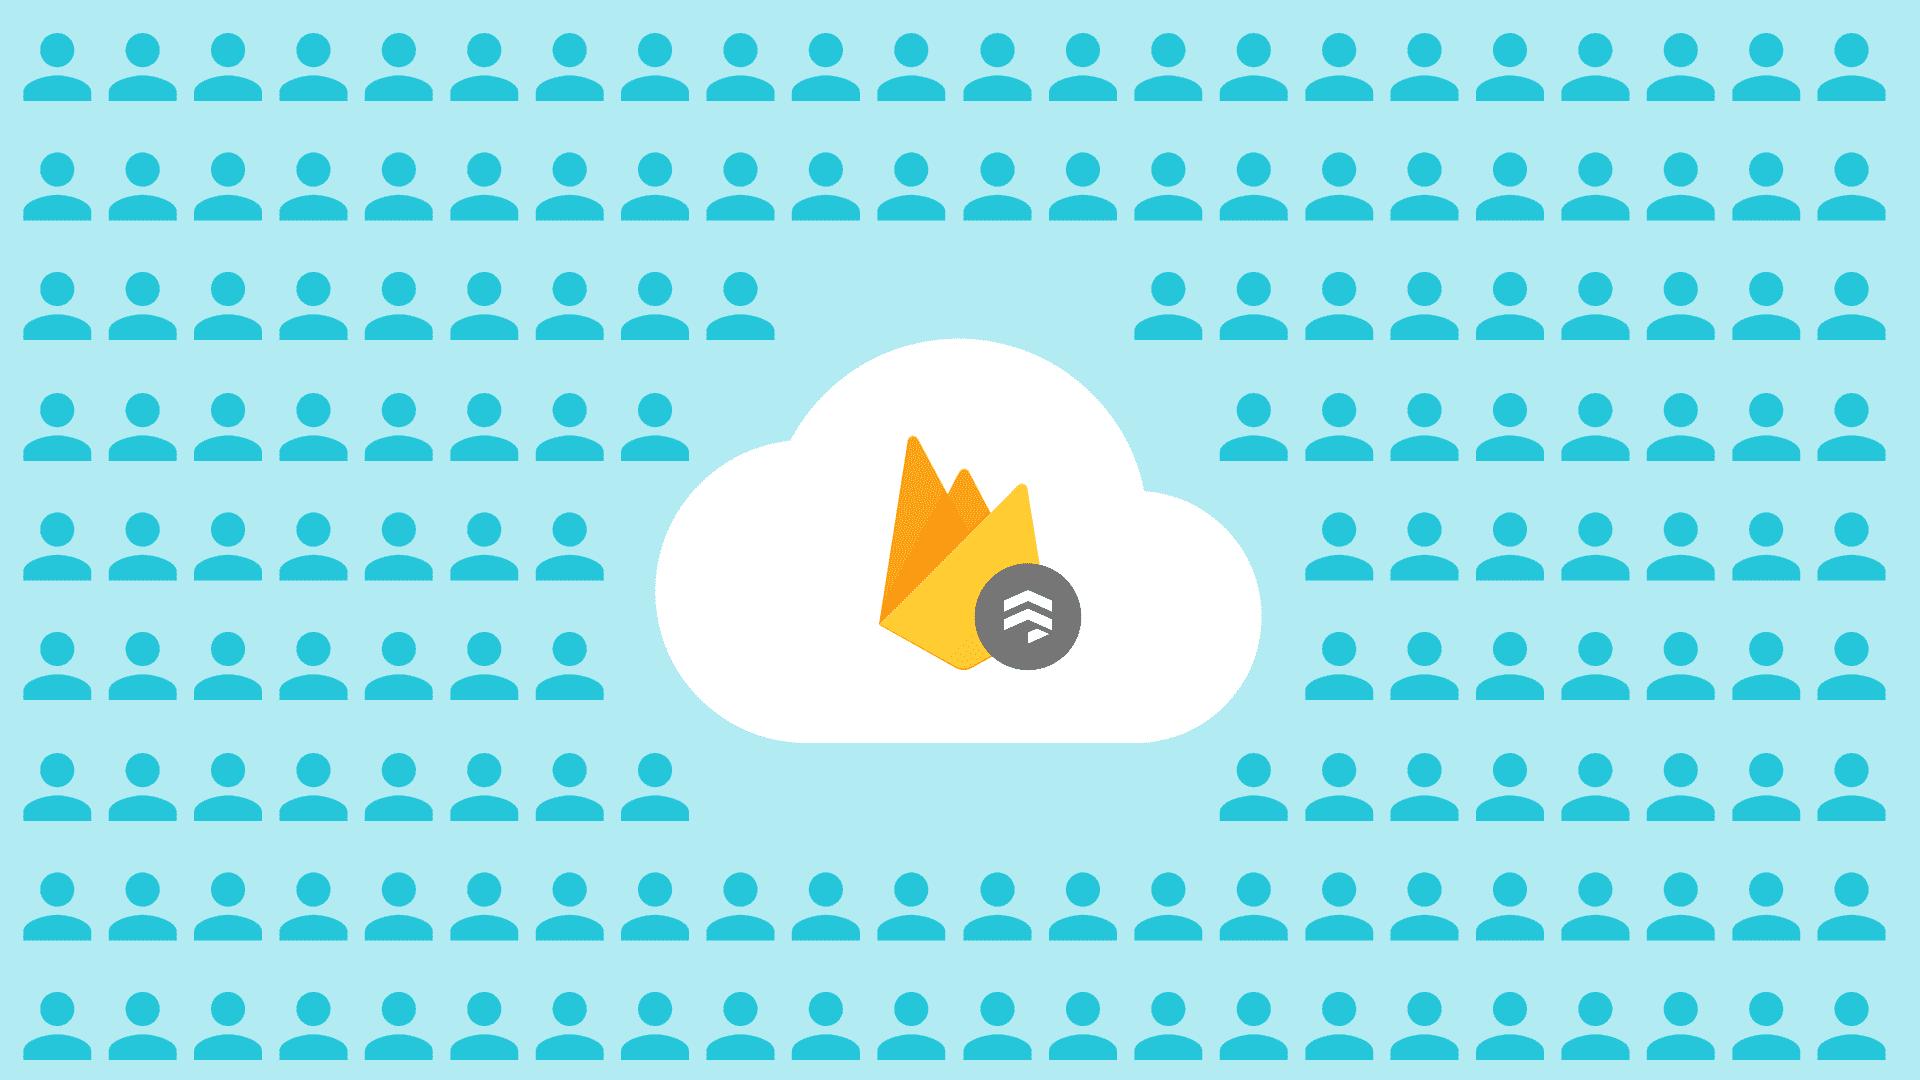 Firebase Firestore 로고 및 잠재고객을 표현한 그림